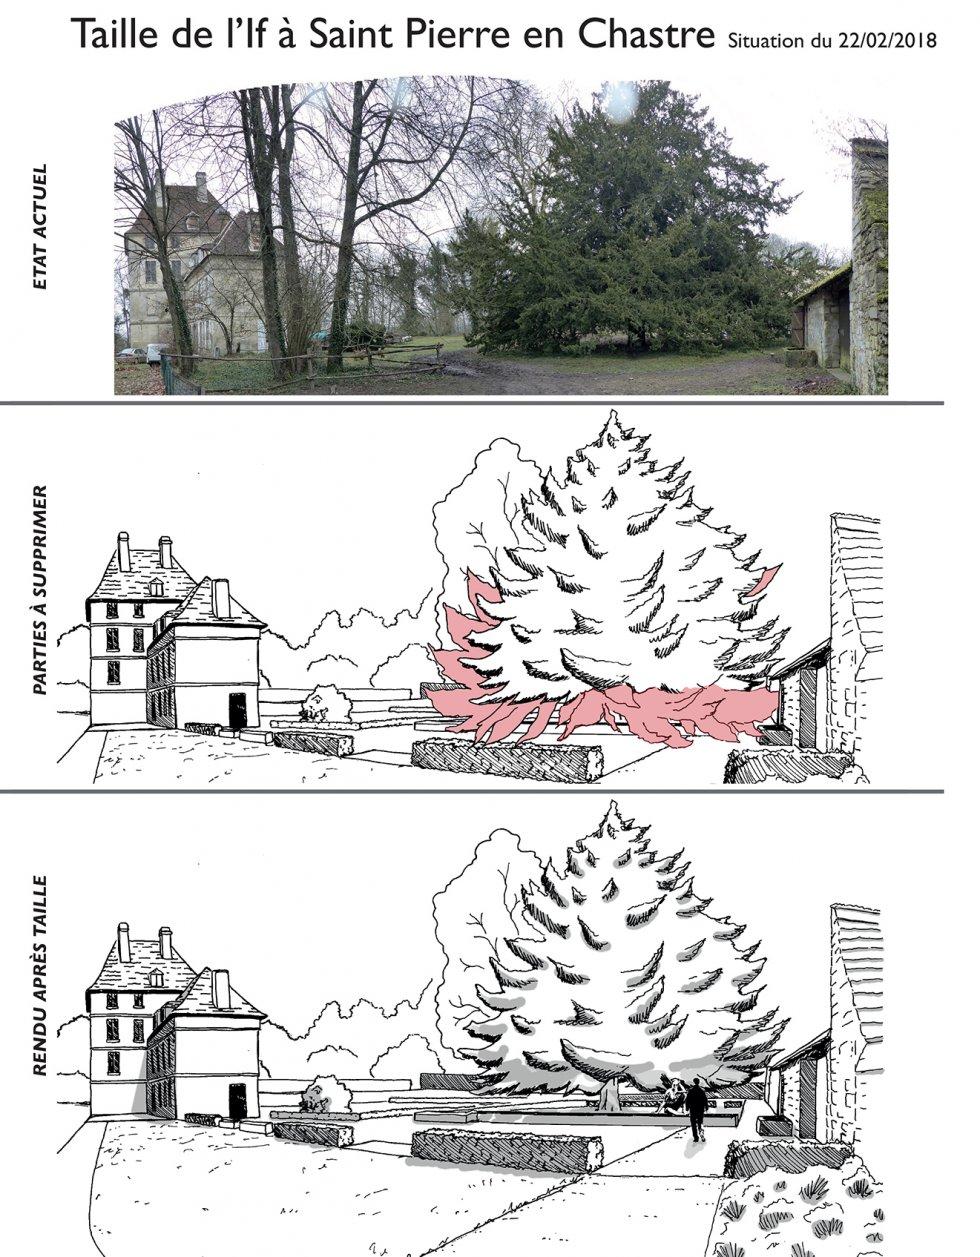 ARVAL architecture - Théatre de verdure – Saint-Pierre-en-Chastres - 10 arval saint pierre en chastres